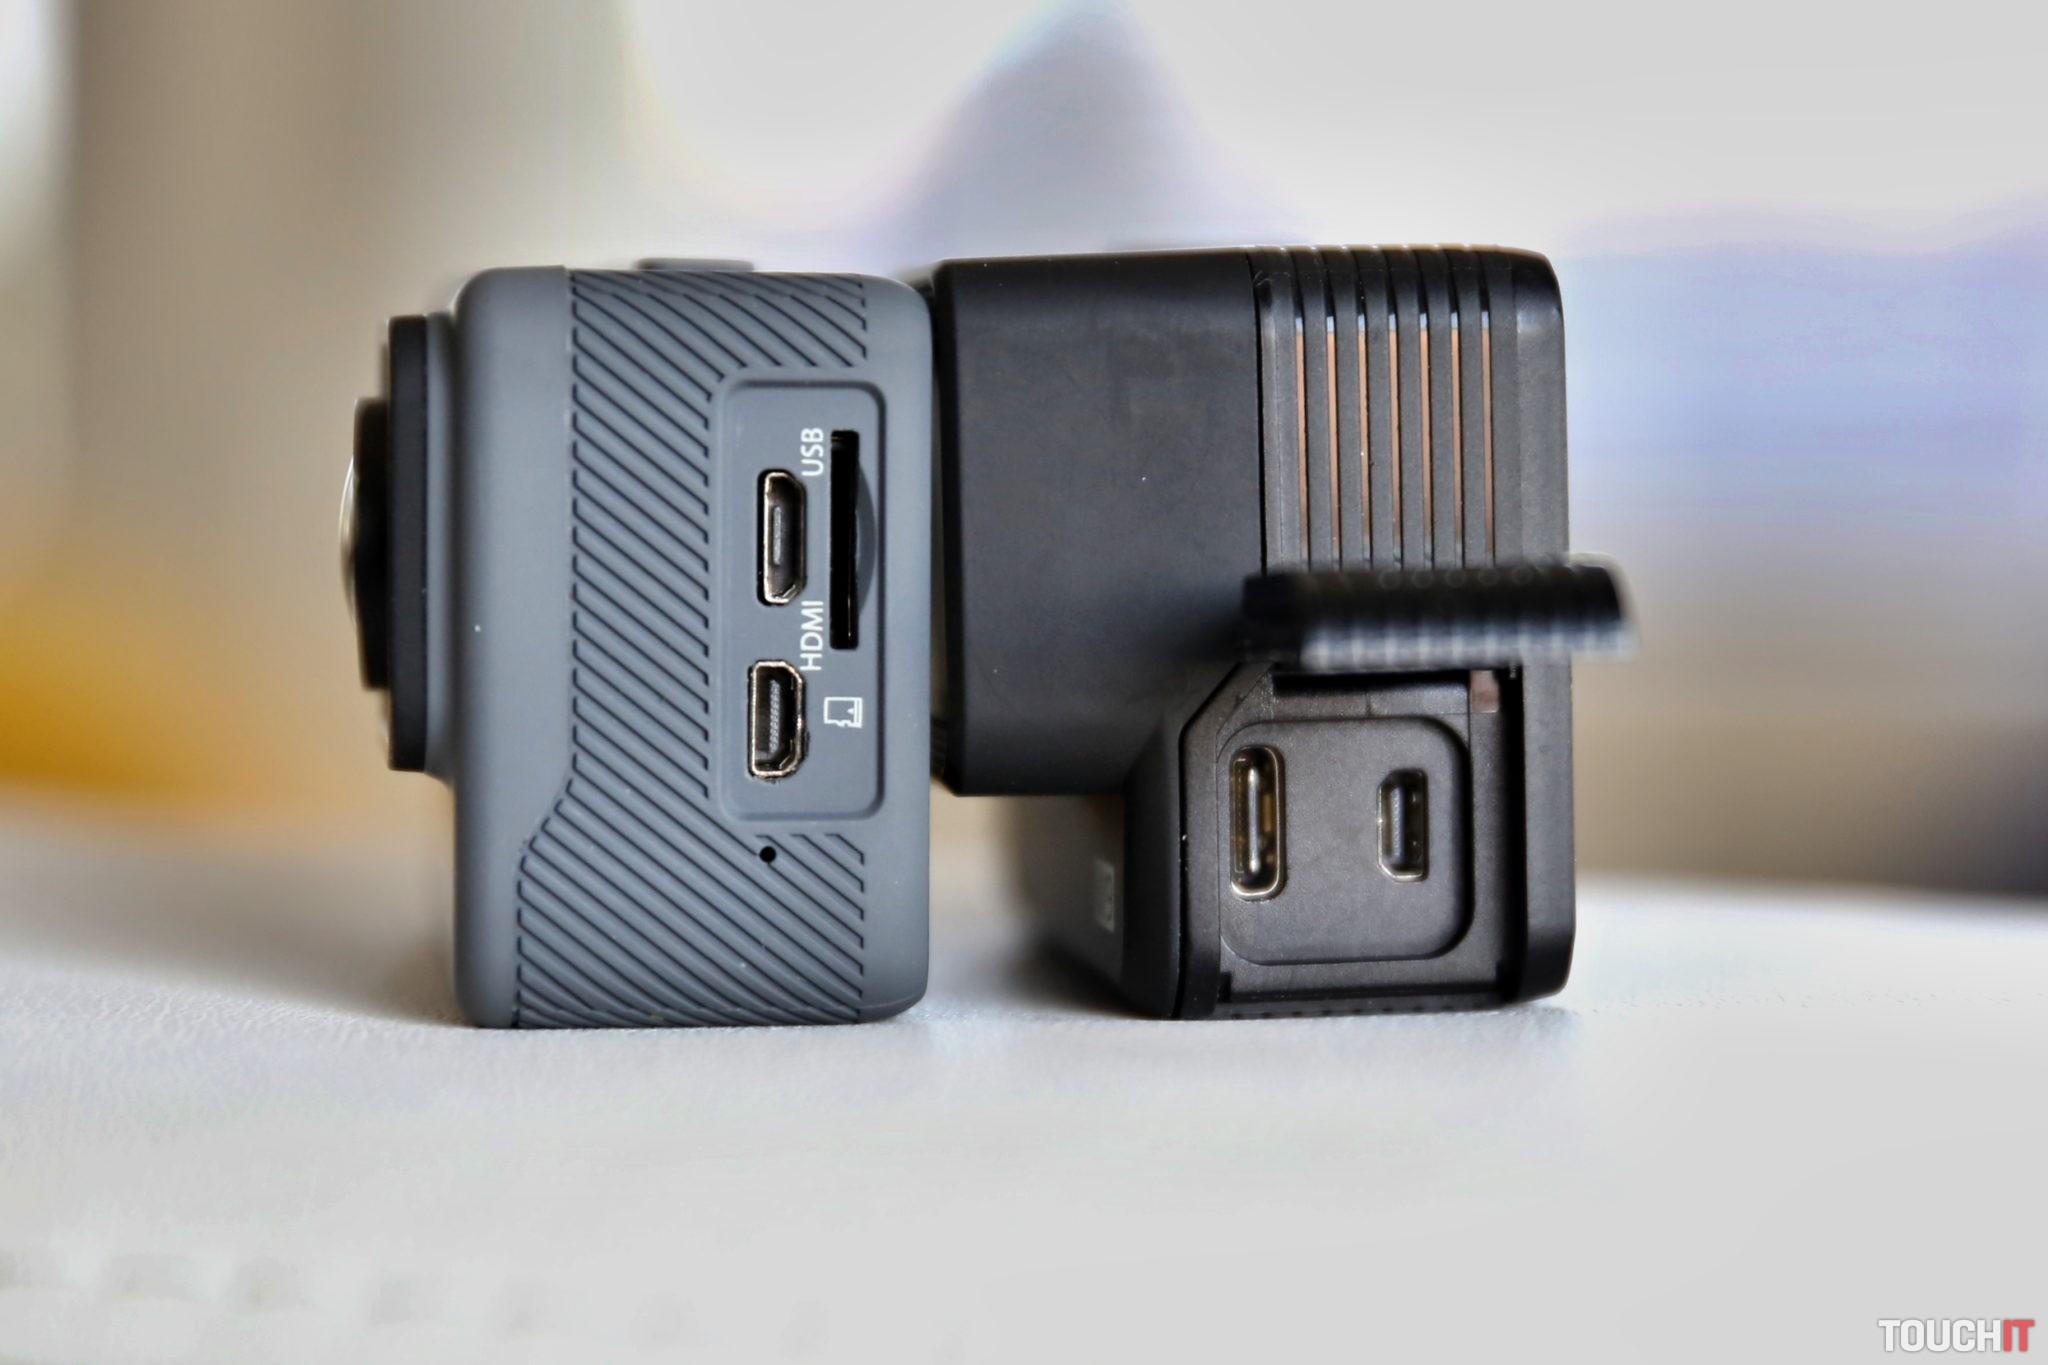 Prepojovacie porty. Vľavo X10.1, vpravo W9